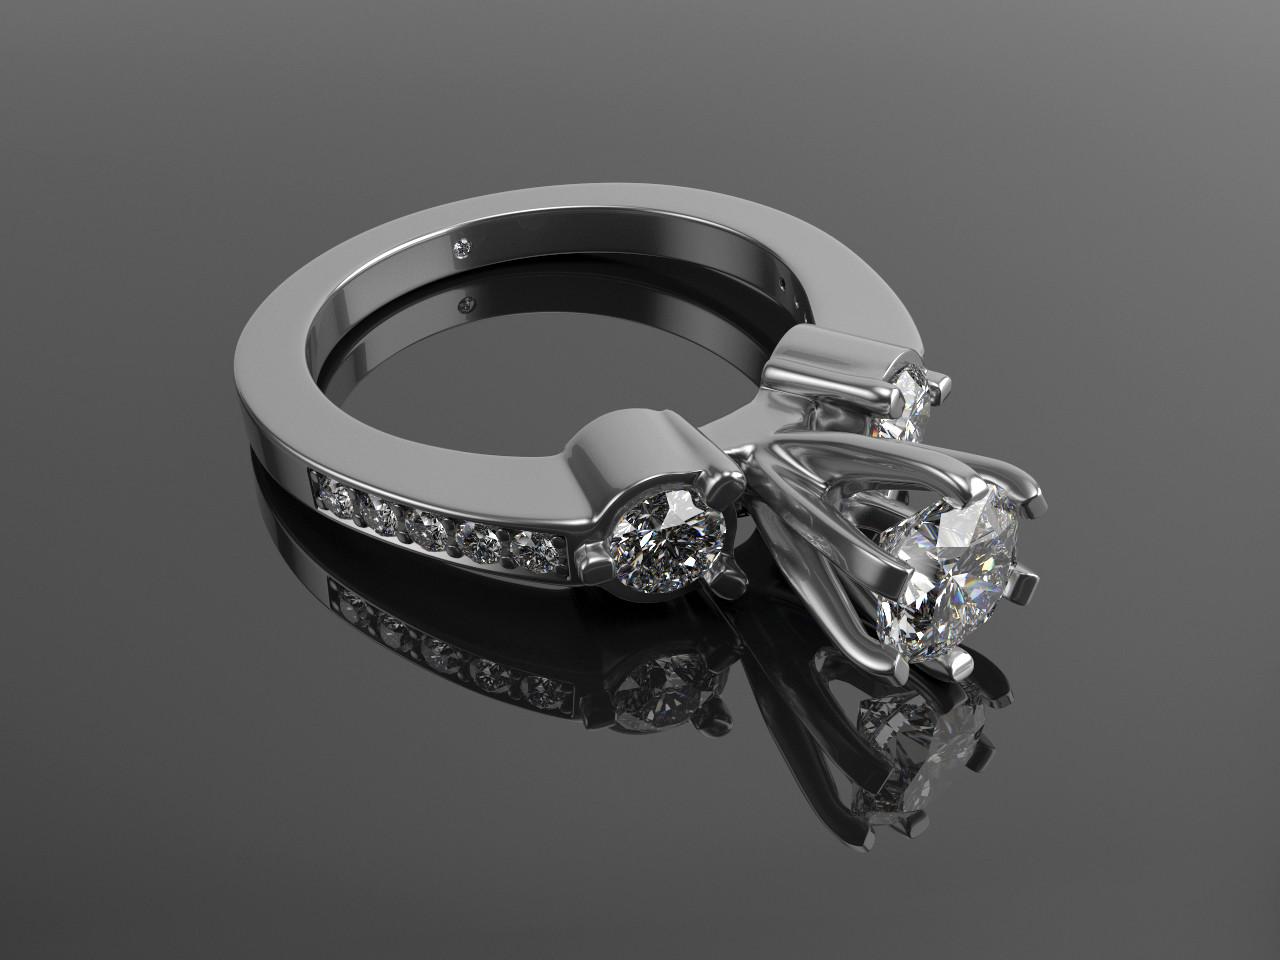 Nikolaos maragkos diamondring003a